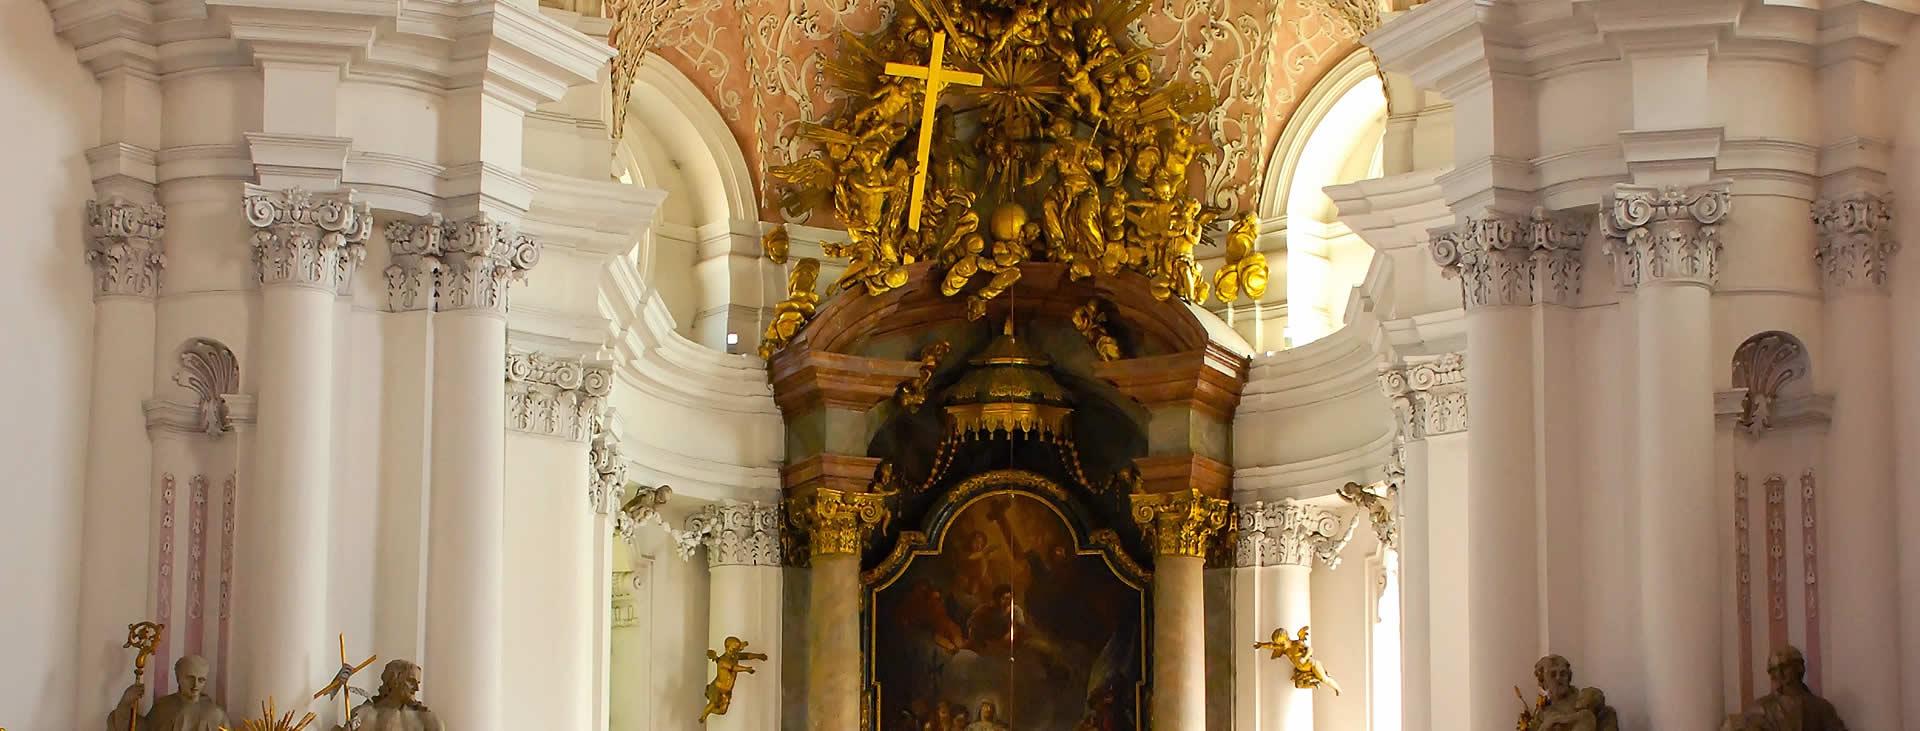 reformierte kirche leipzig tröndlinring